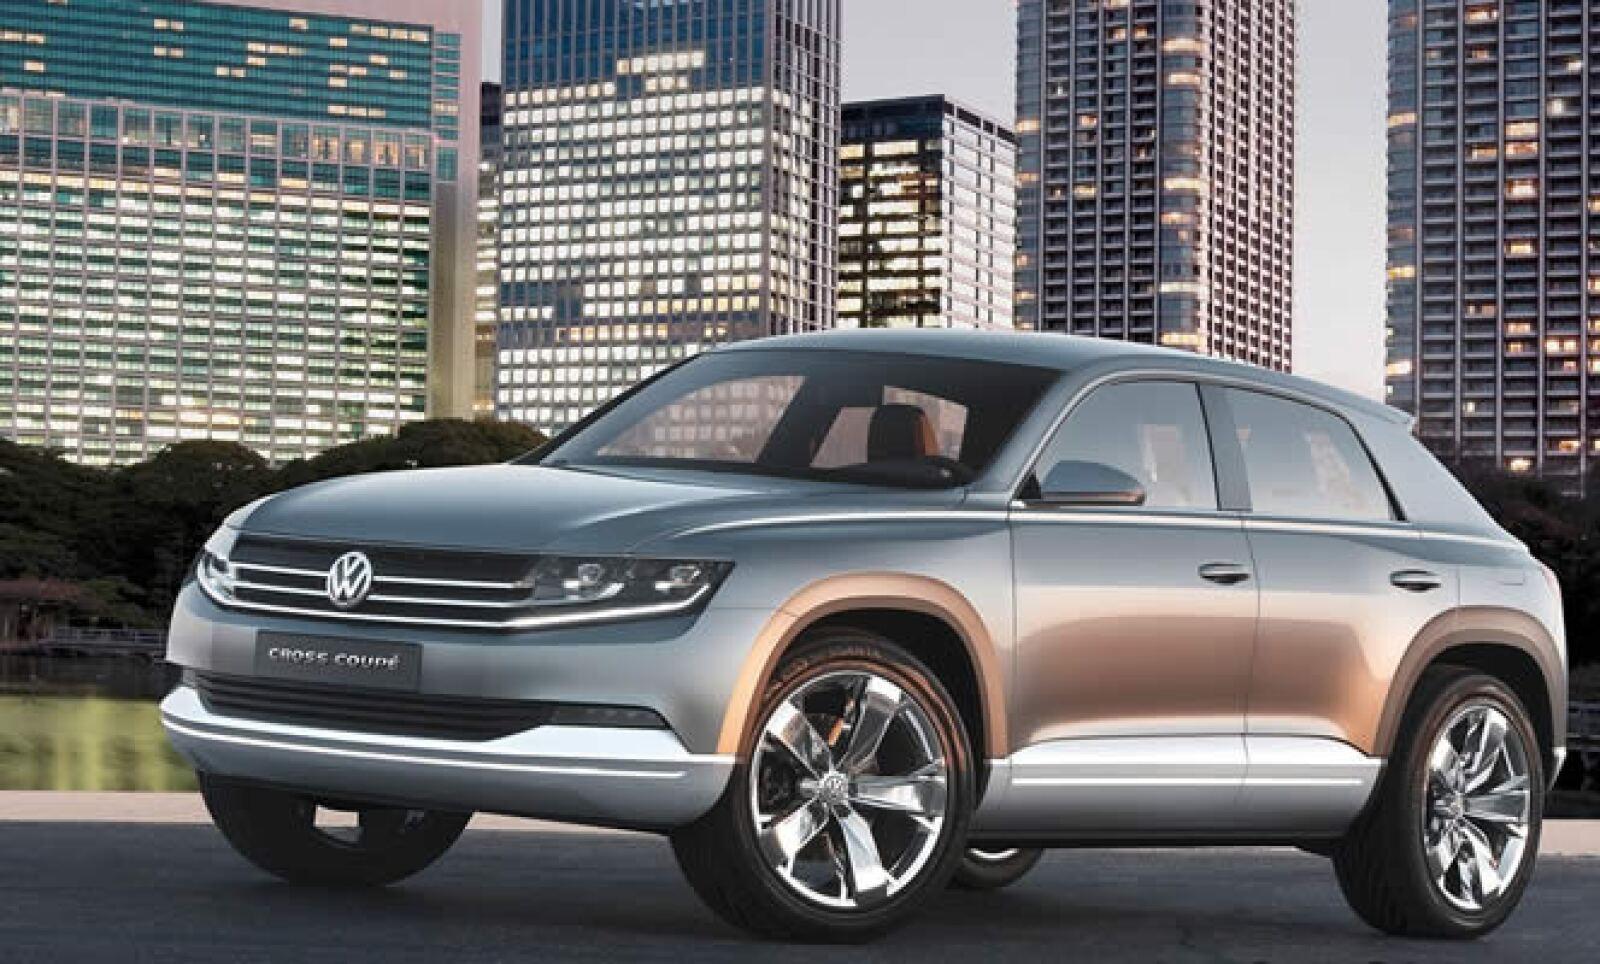 La marca alemana dio a conocer en el Auto Show de Tokio su nuevo prototipo, el Volkswagen Cross Coupé, que combina trazos entre una SUV y un 'coupé' de cuatro puertas.